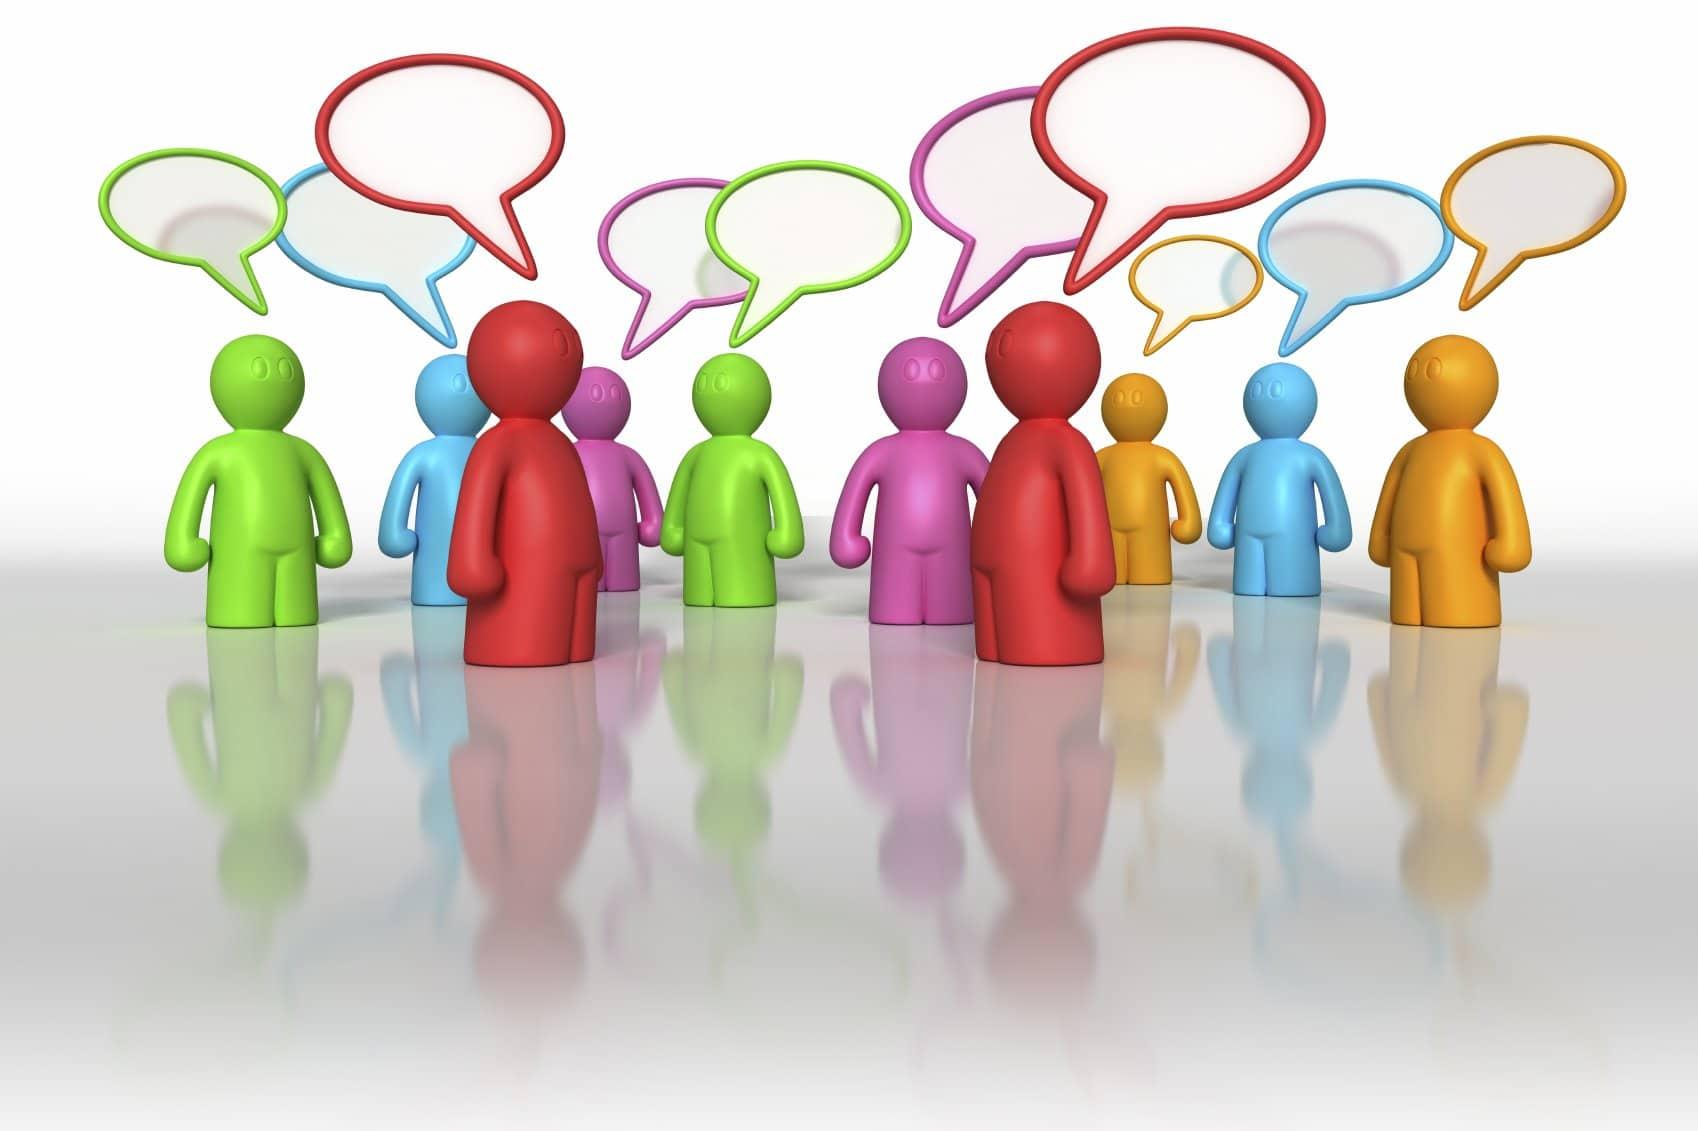 social-media-marketing-crowd2